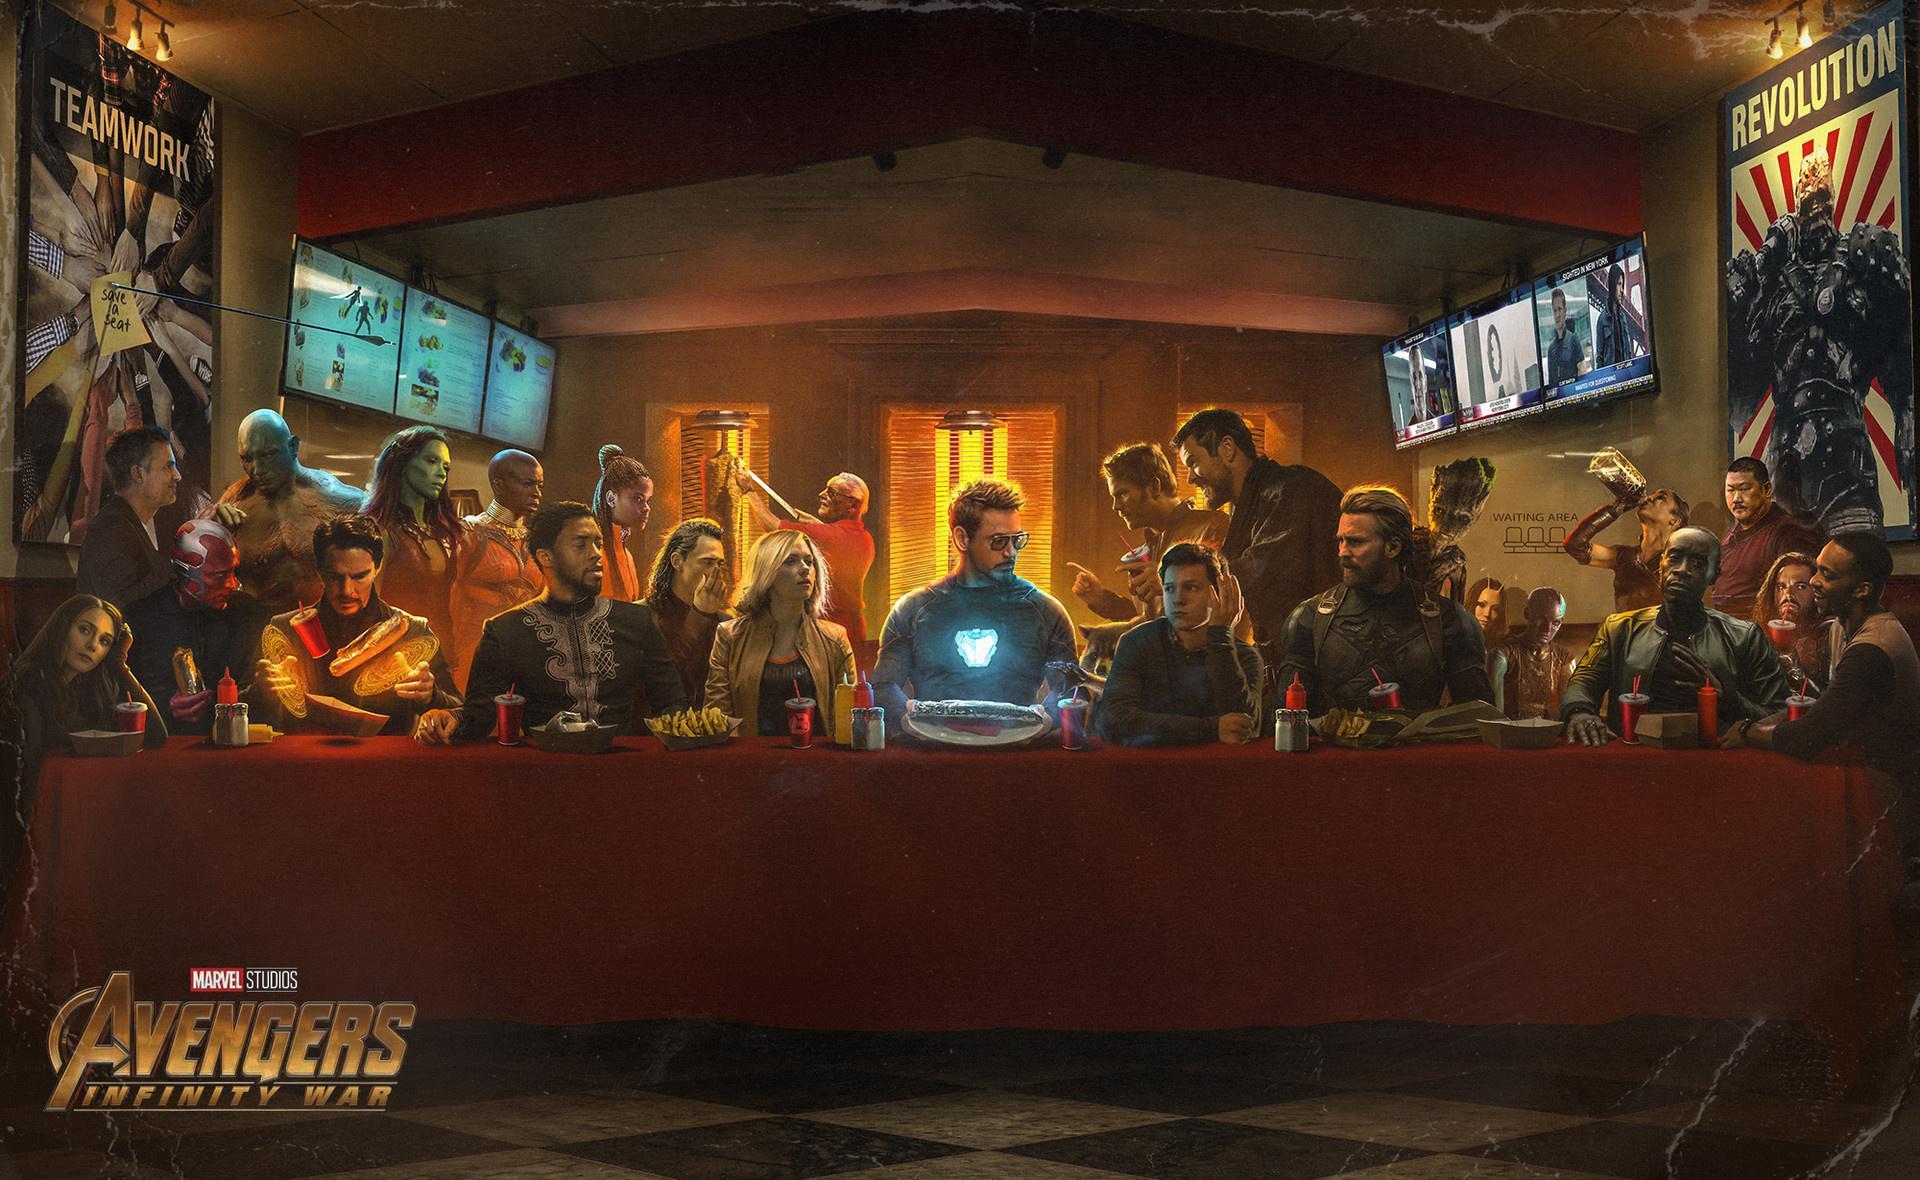 《复仇者联盟3:无限战争》(Avengers: Infinity War)第二支中文预告